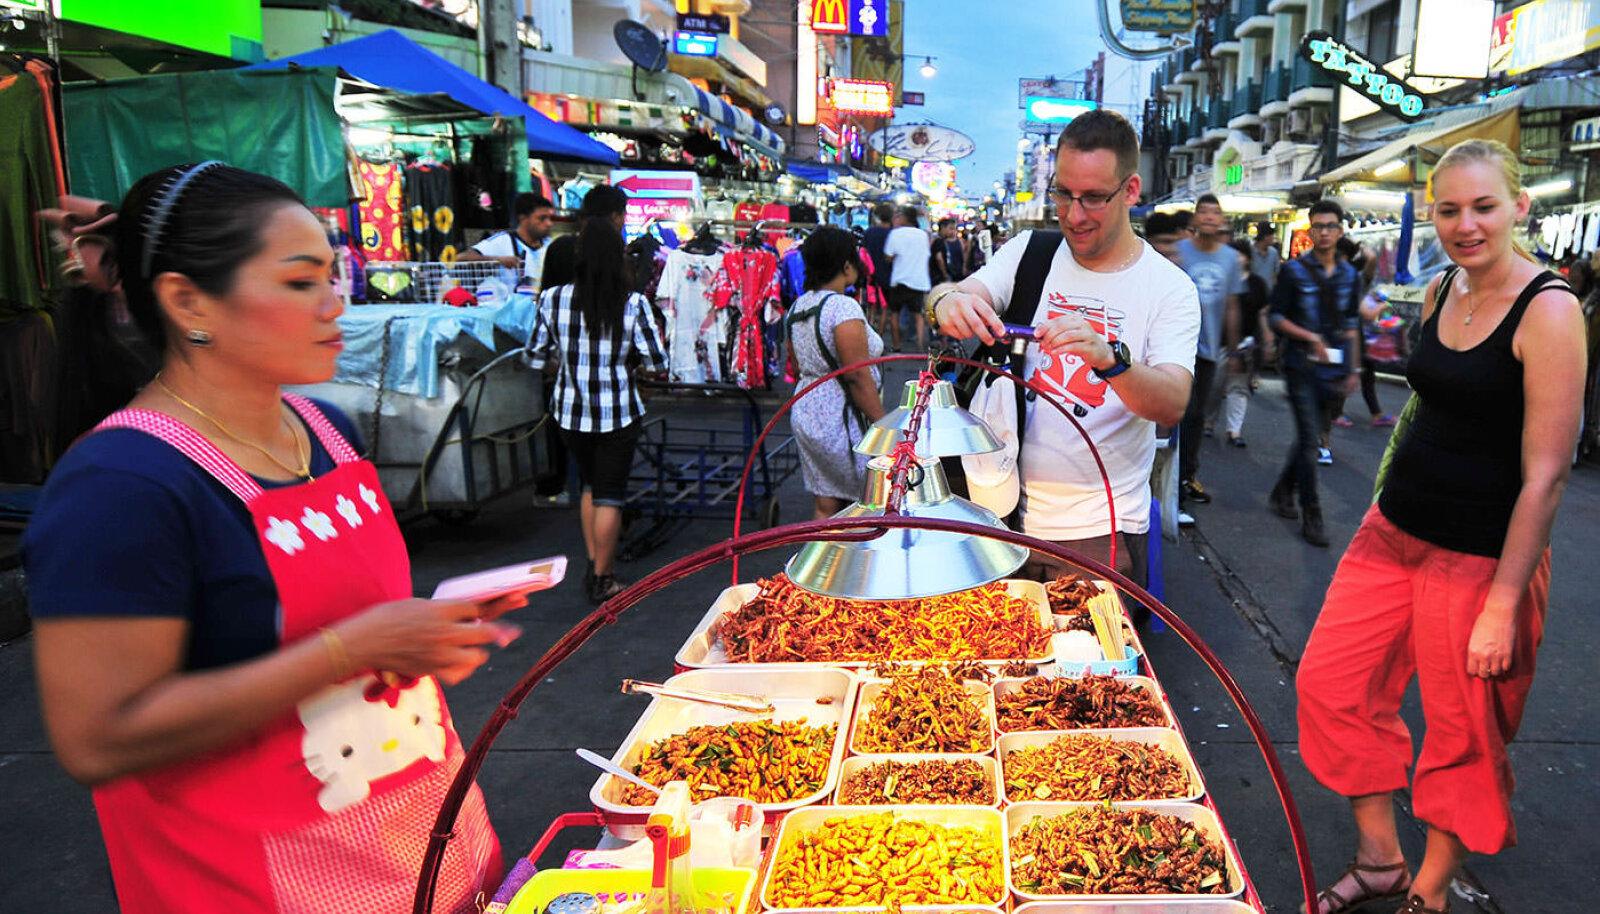 Tänavatoit on väga pikka aega olnud oluline osa Bangkoki ja kogu Tai DNAst. Enam kui 20 000 tänavatoidulahvkat, hawker'it, seab ennast linna 50 piirkonnas igapäevaselt üles, et pakkuda nii kohalikele kui turistidele hommikusööki, lõunat, õhtueinet ja loomulikult öiseid snäkke.